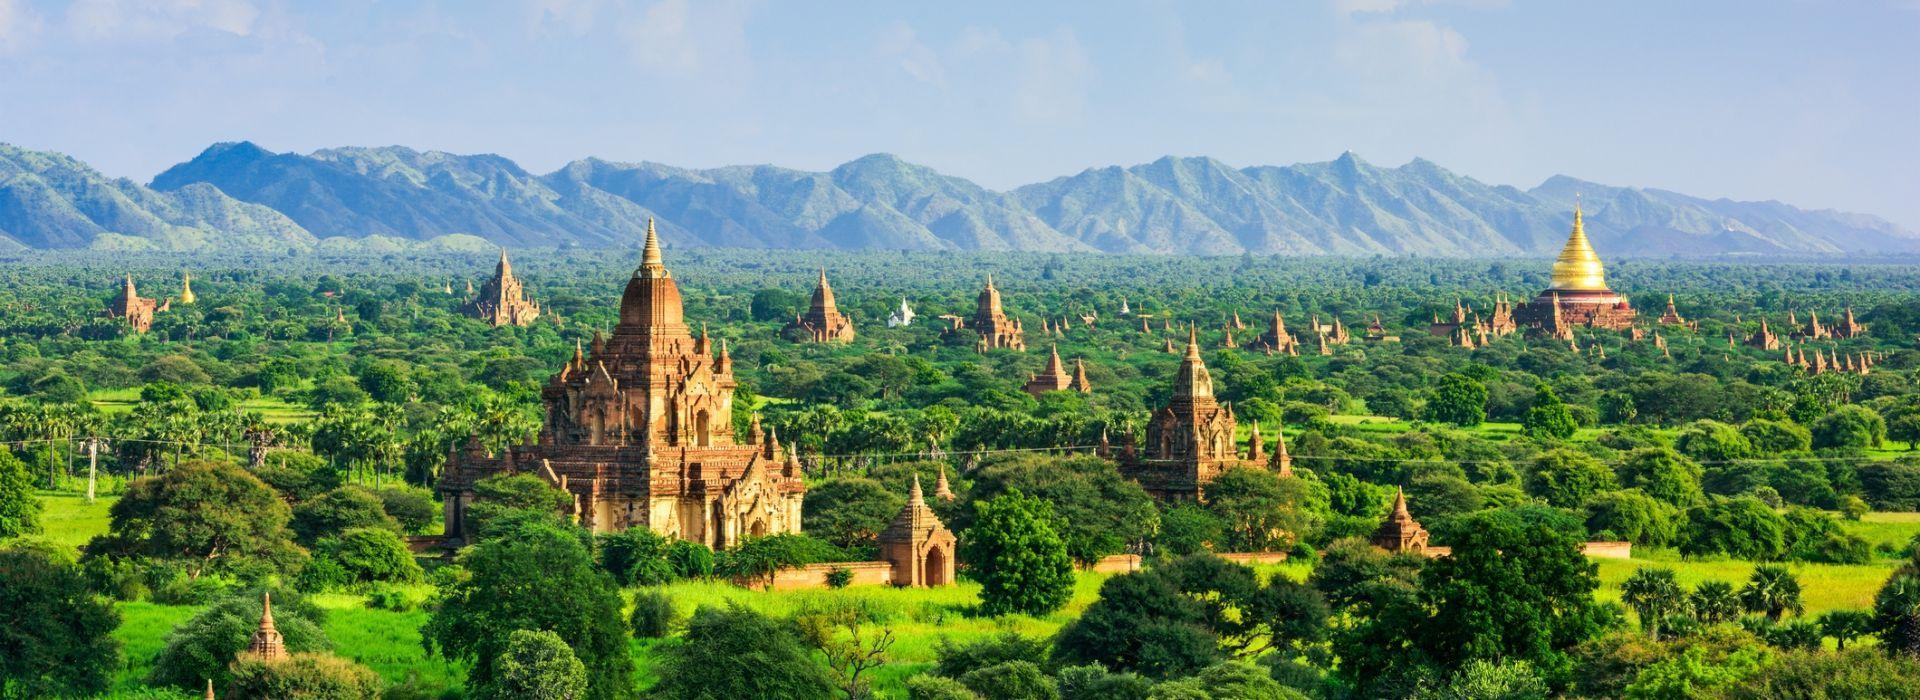 Bicycle tours in Bagan